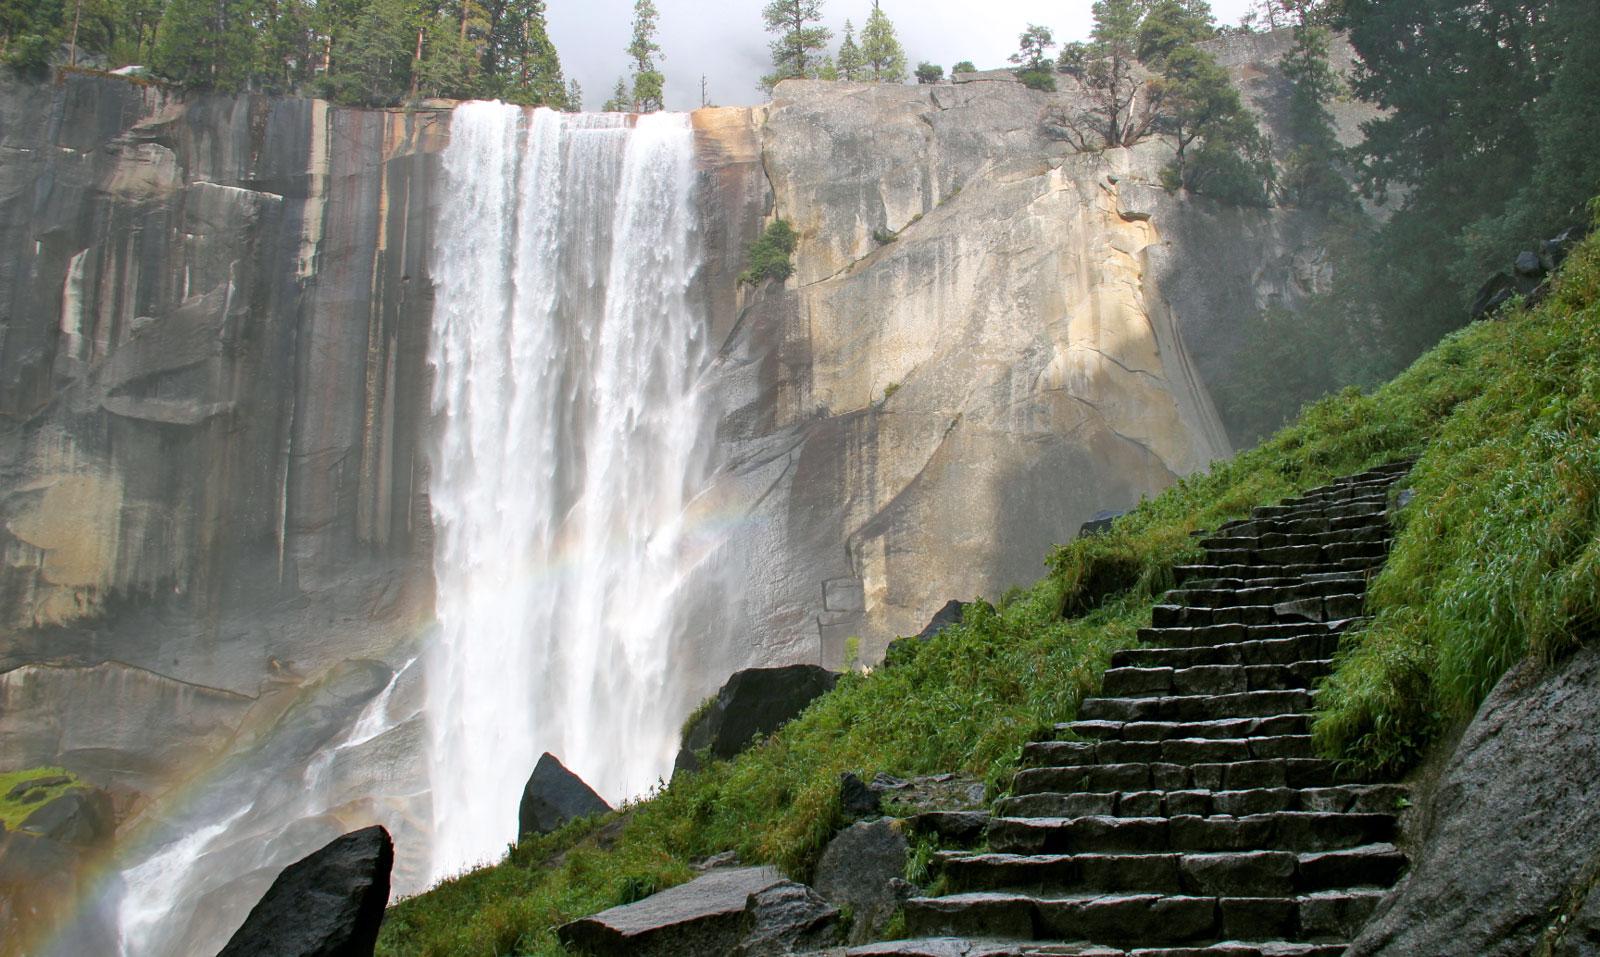 Best Hiking Trails - Mist Trail